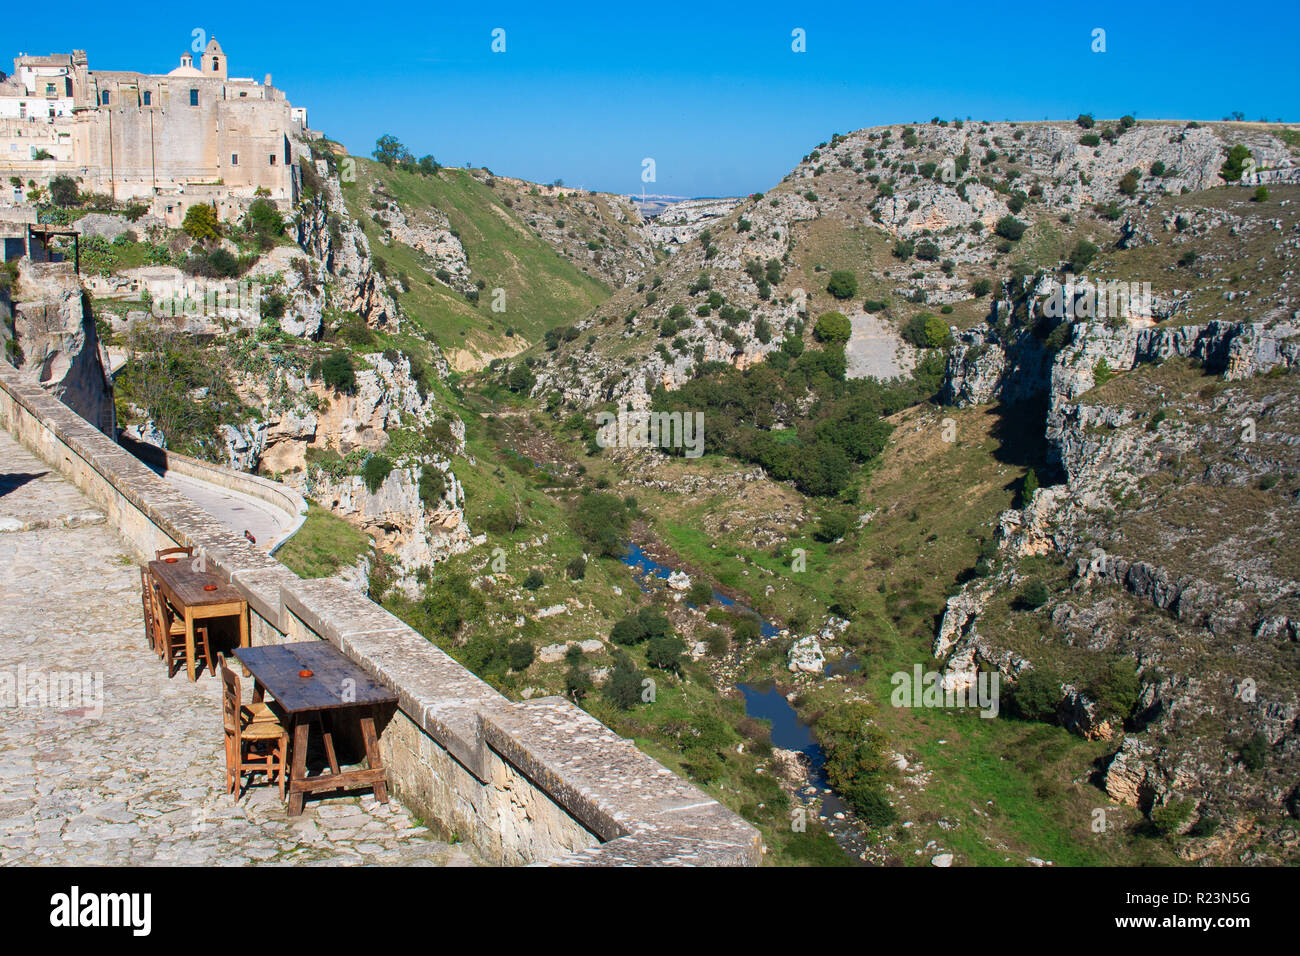 Case Di Pietra E Legno : Antica casa di pietra con uve di albero e vecchi tavoli in legno e